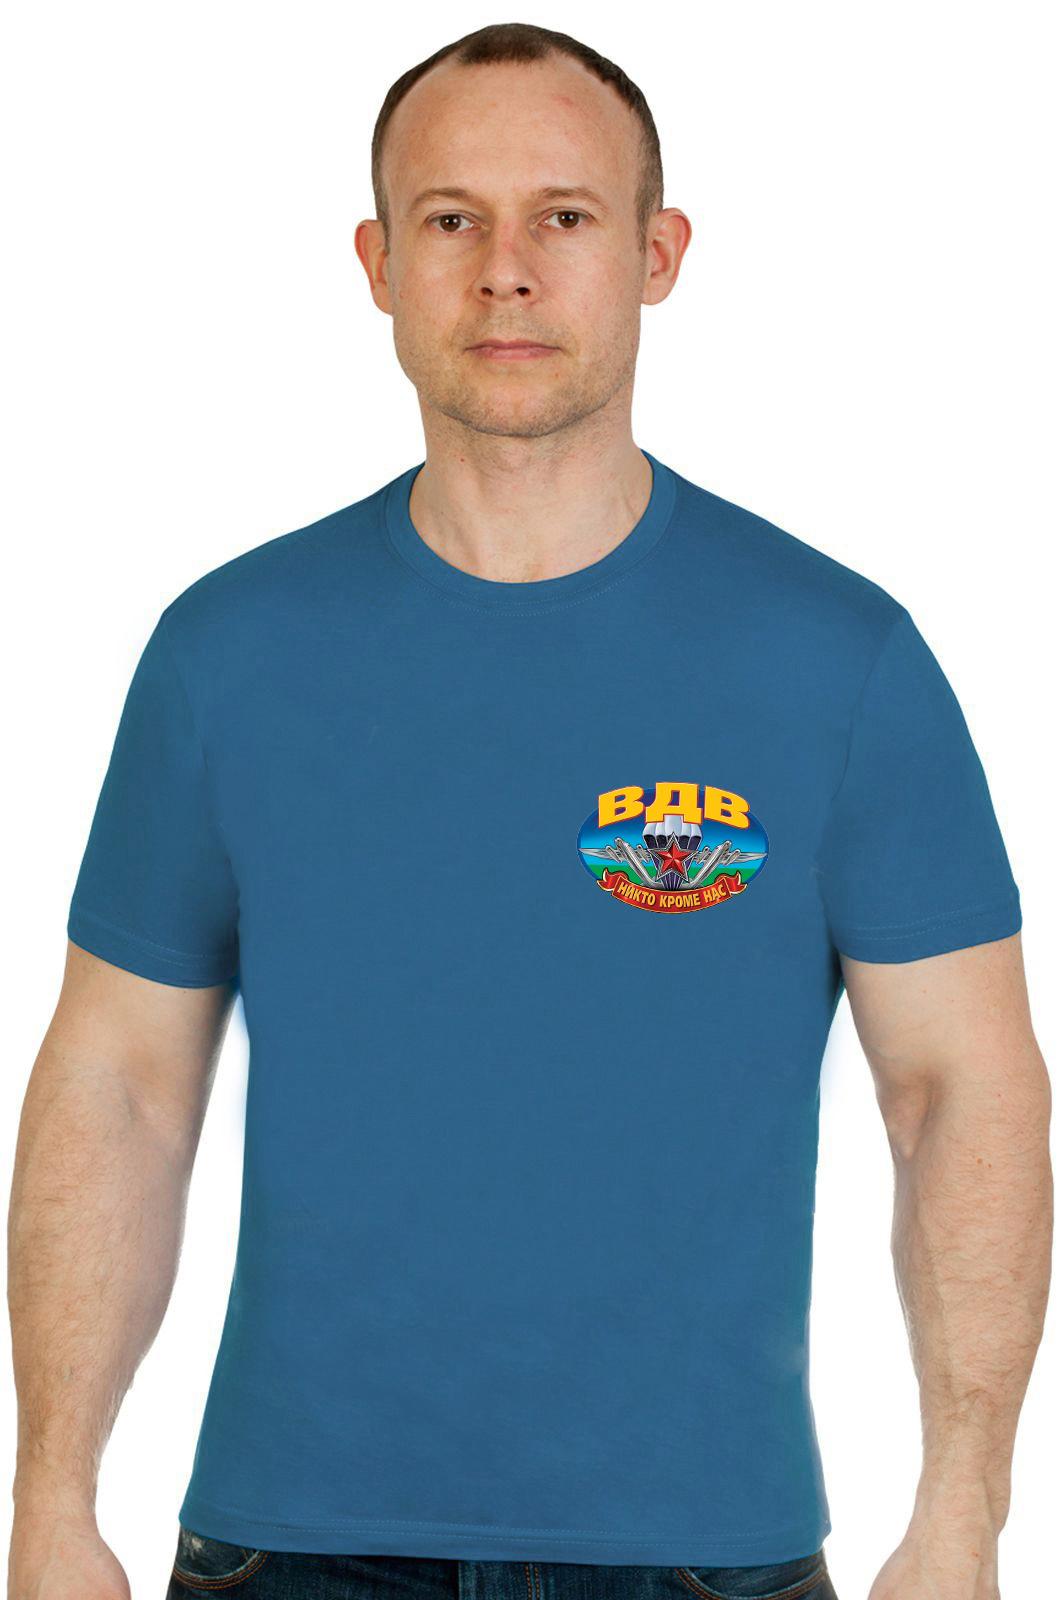 Купить крутую васильковую футболку ВДВ оптом или в розницу